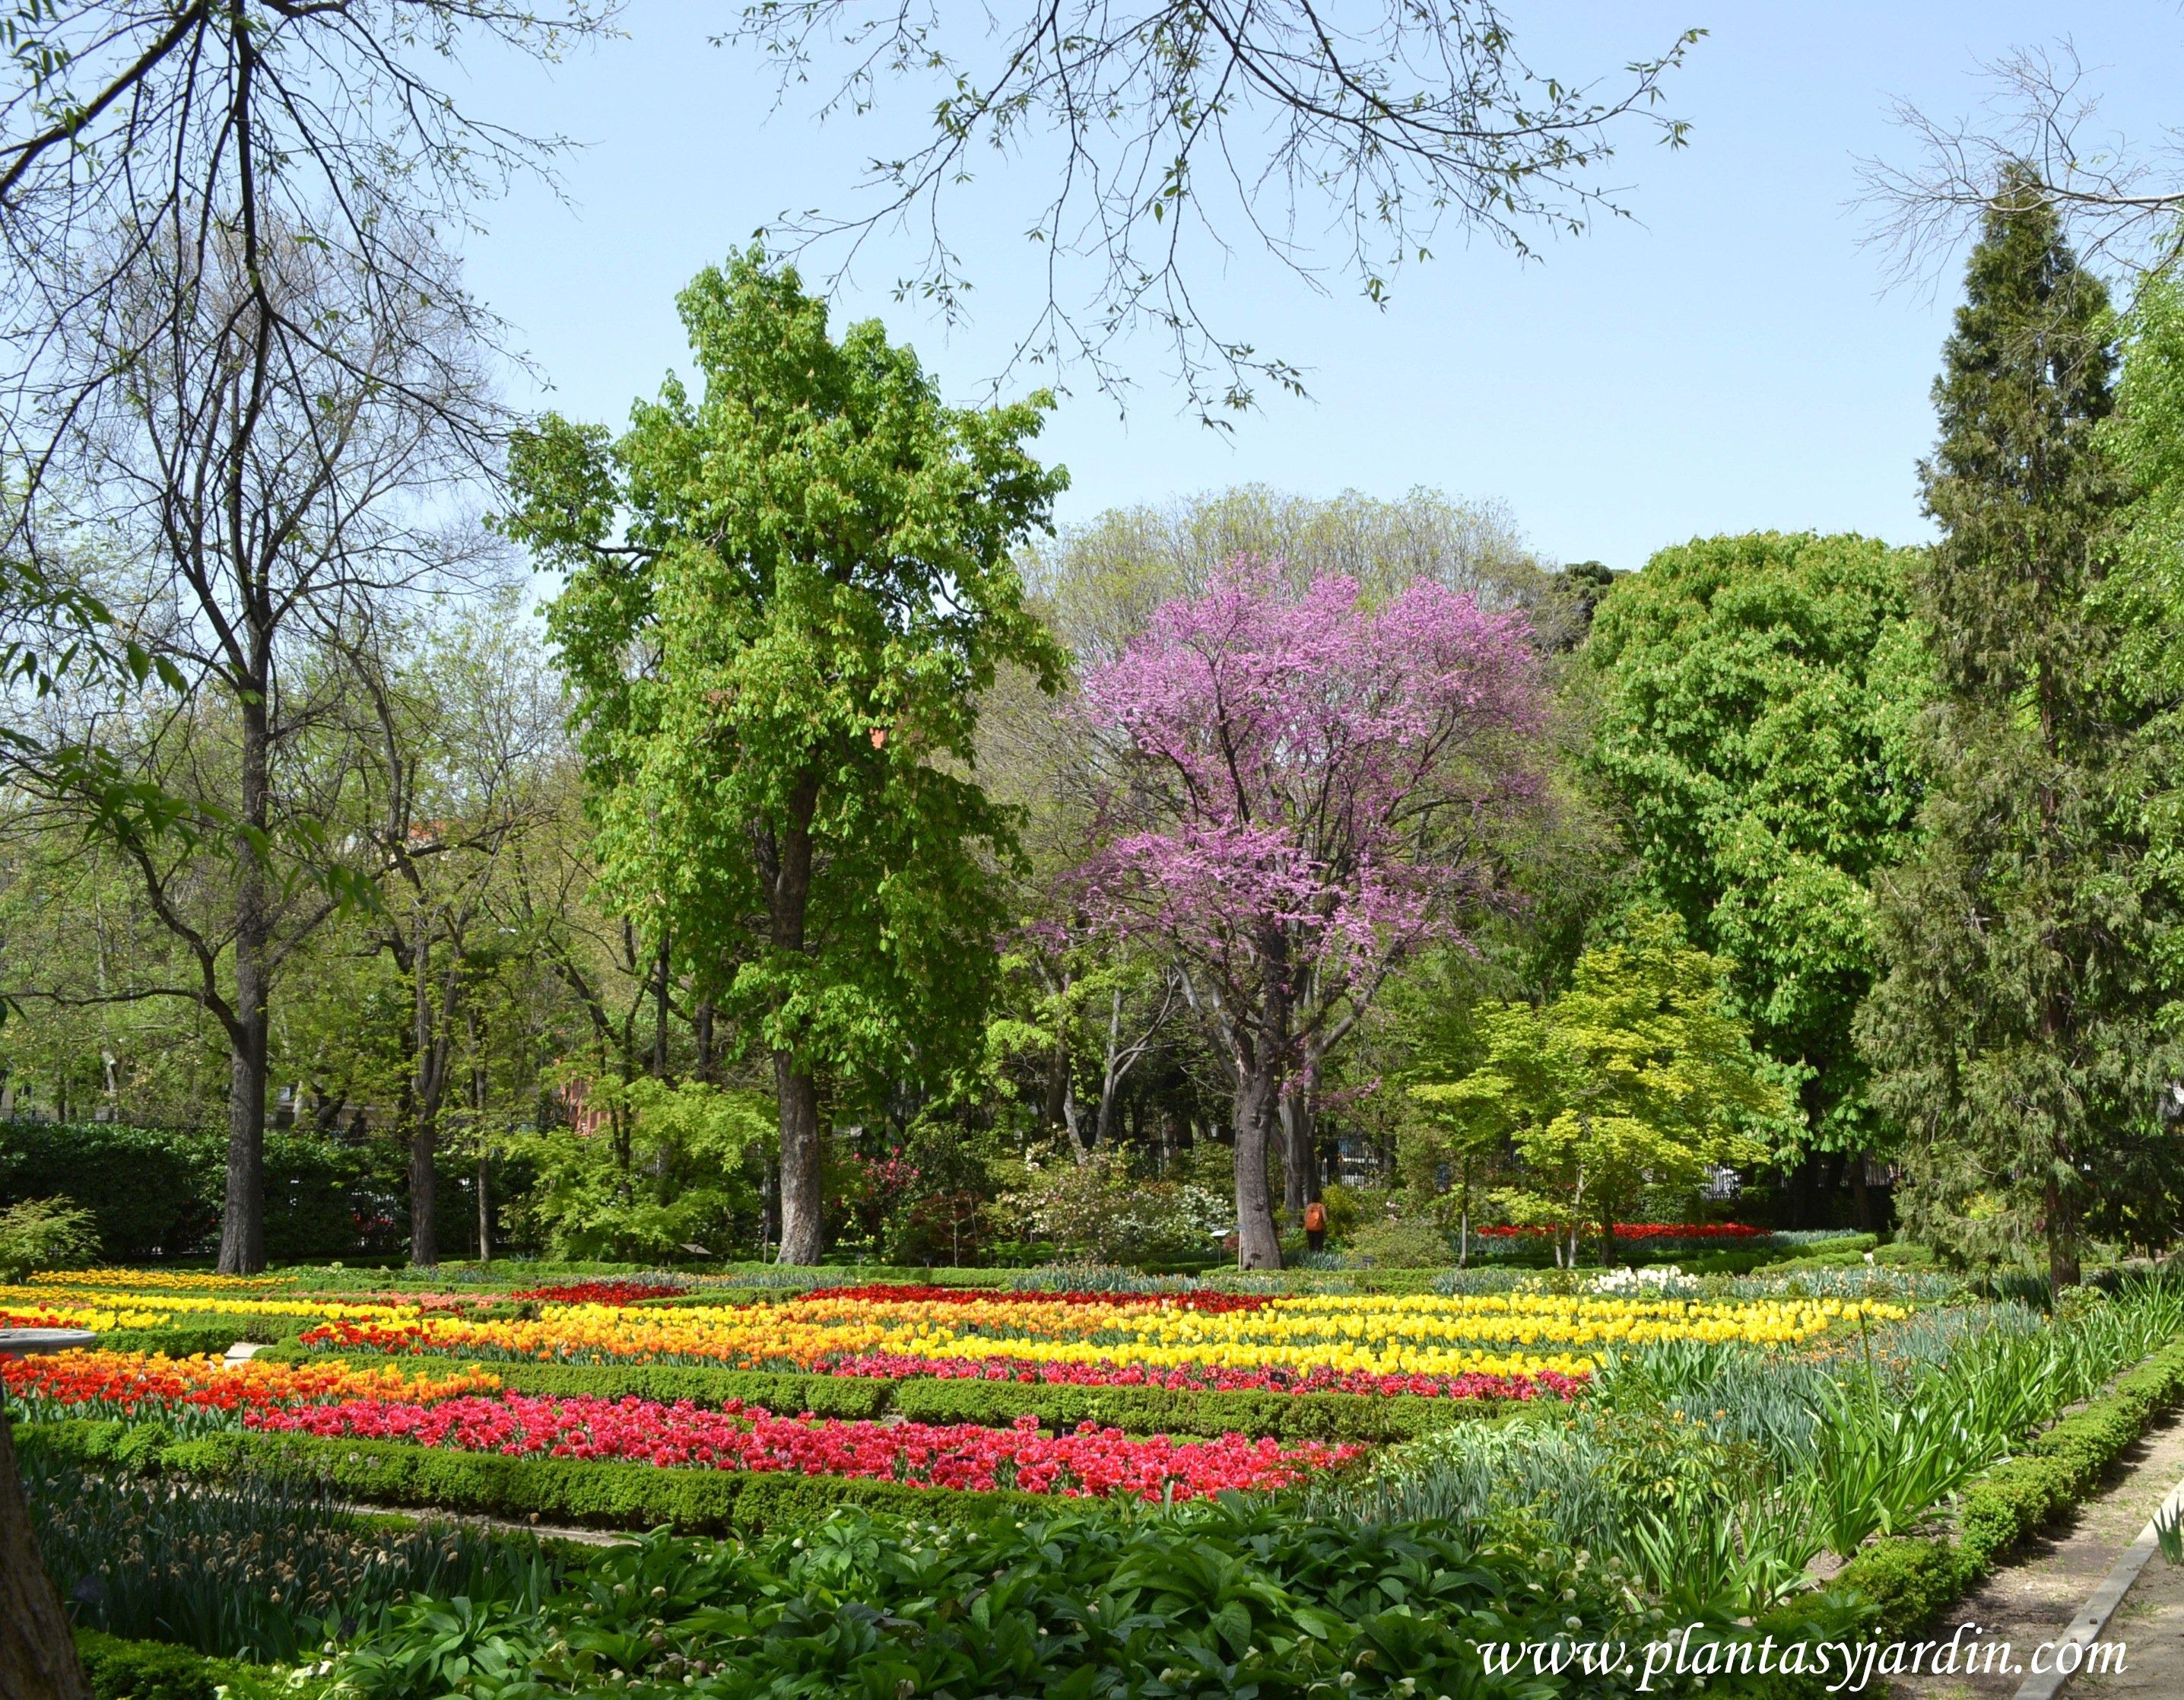 Tulipas cultivadas en parterres, florecidas a comienzos de primavera, con Cercis siliquastrum de fondo florecido.